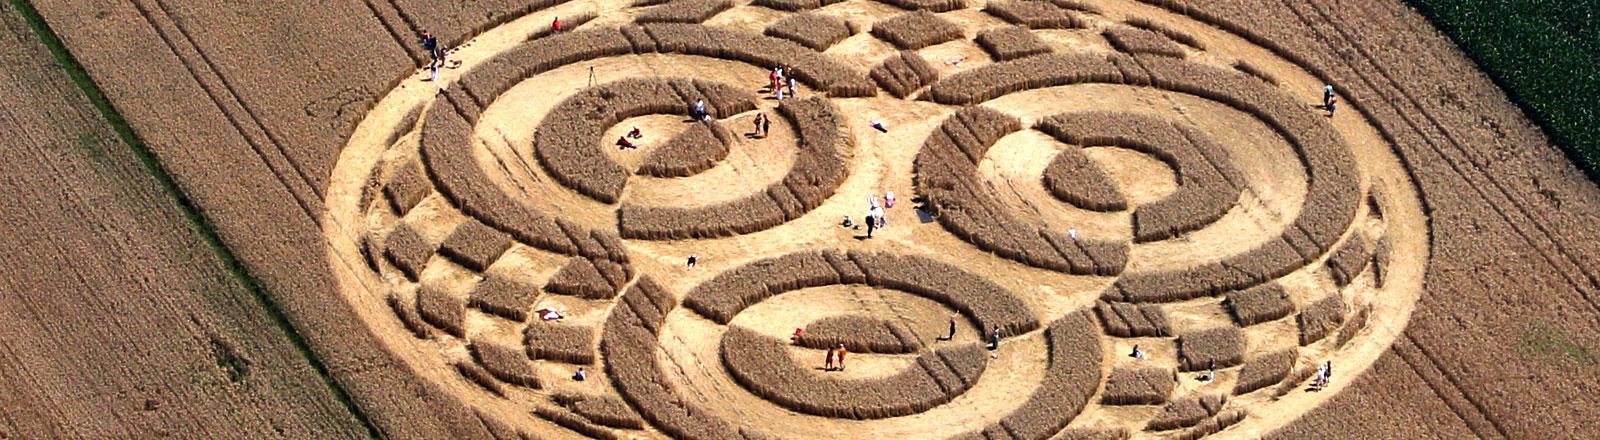 Kornkreise in einem Weizenfeld